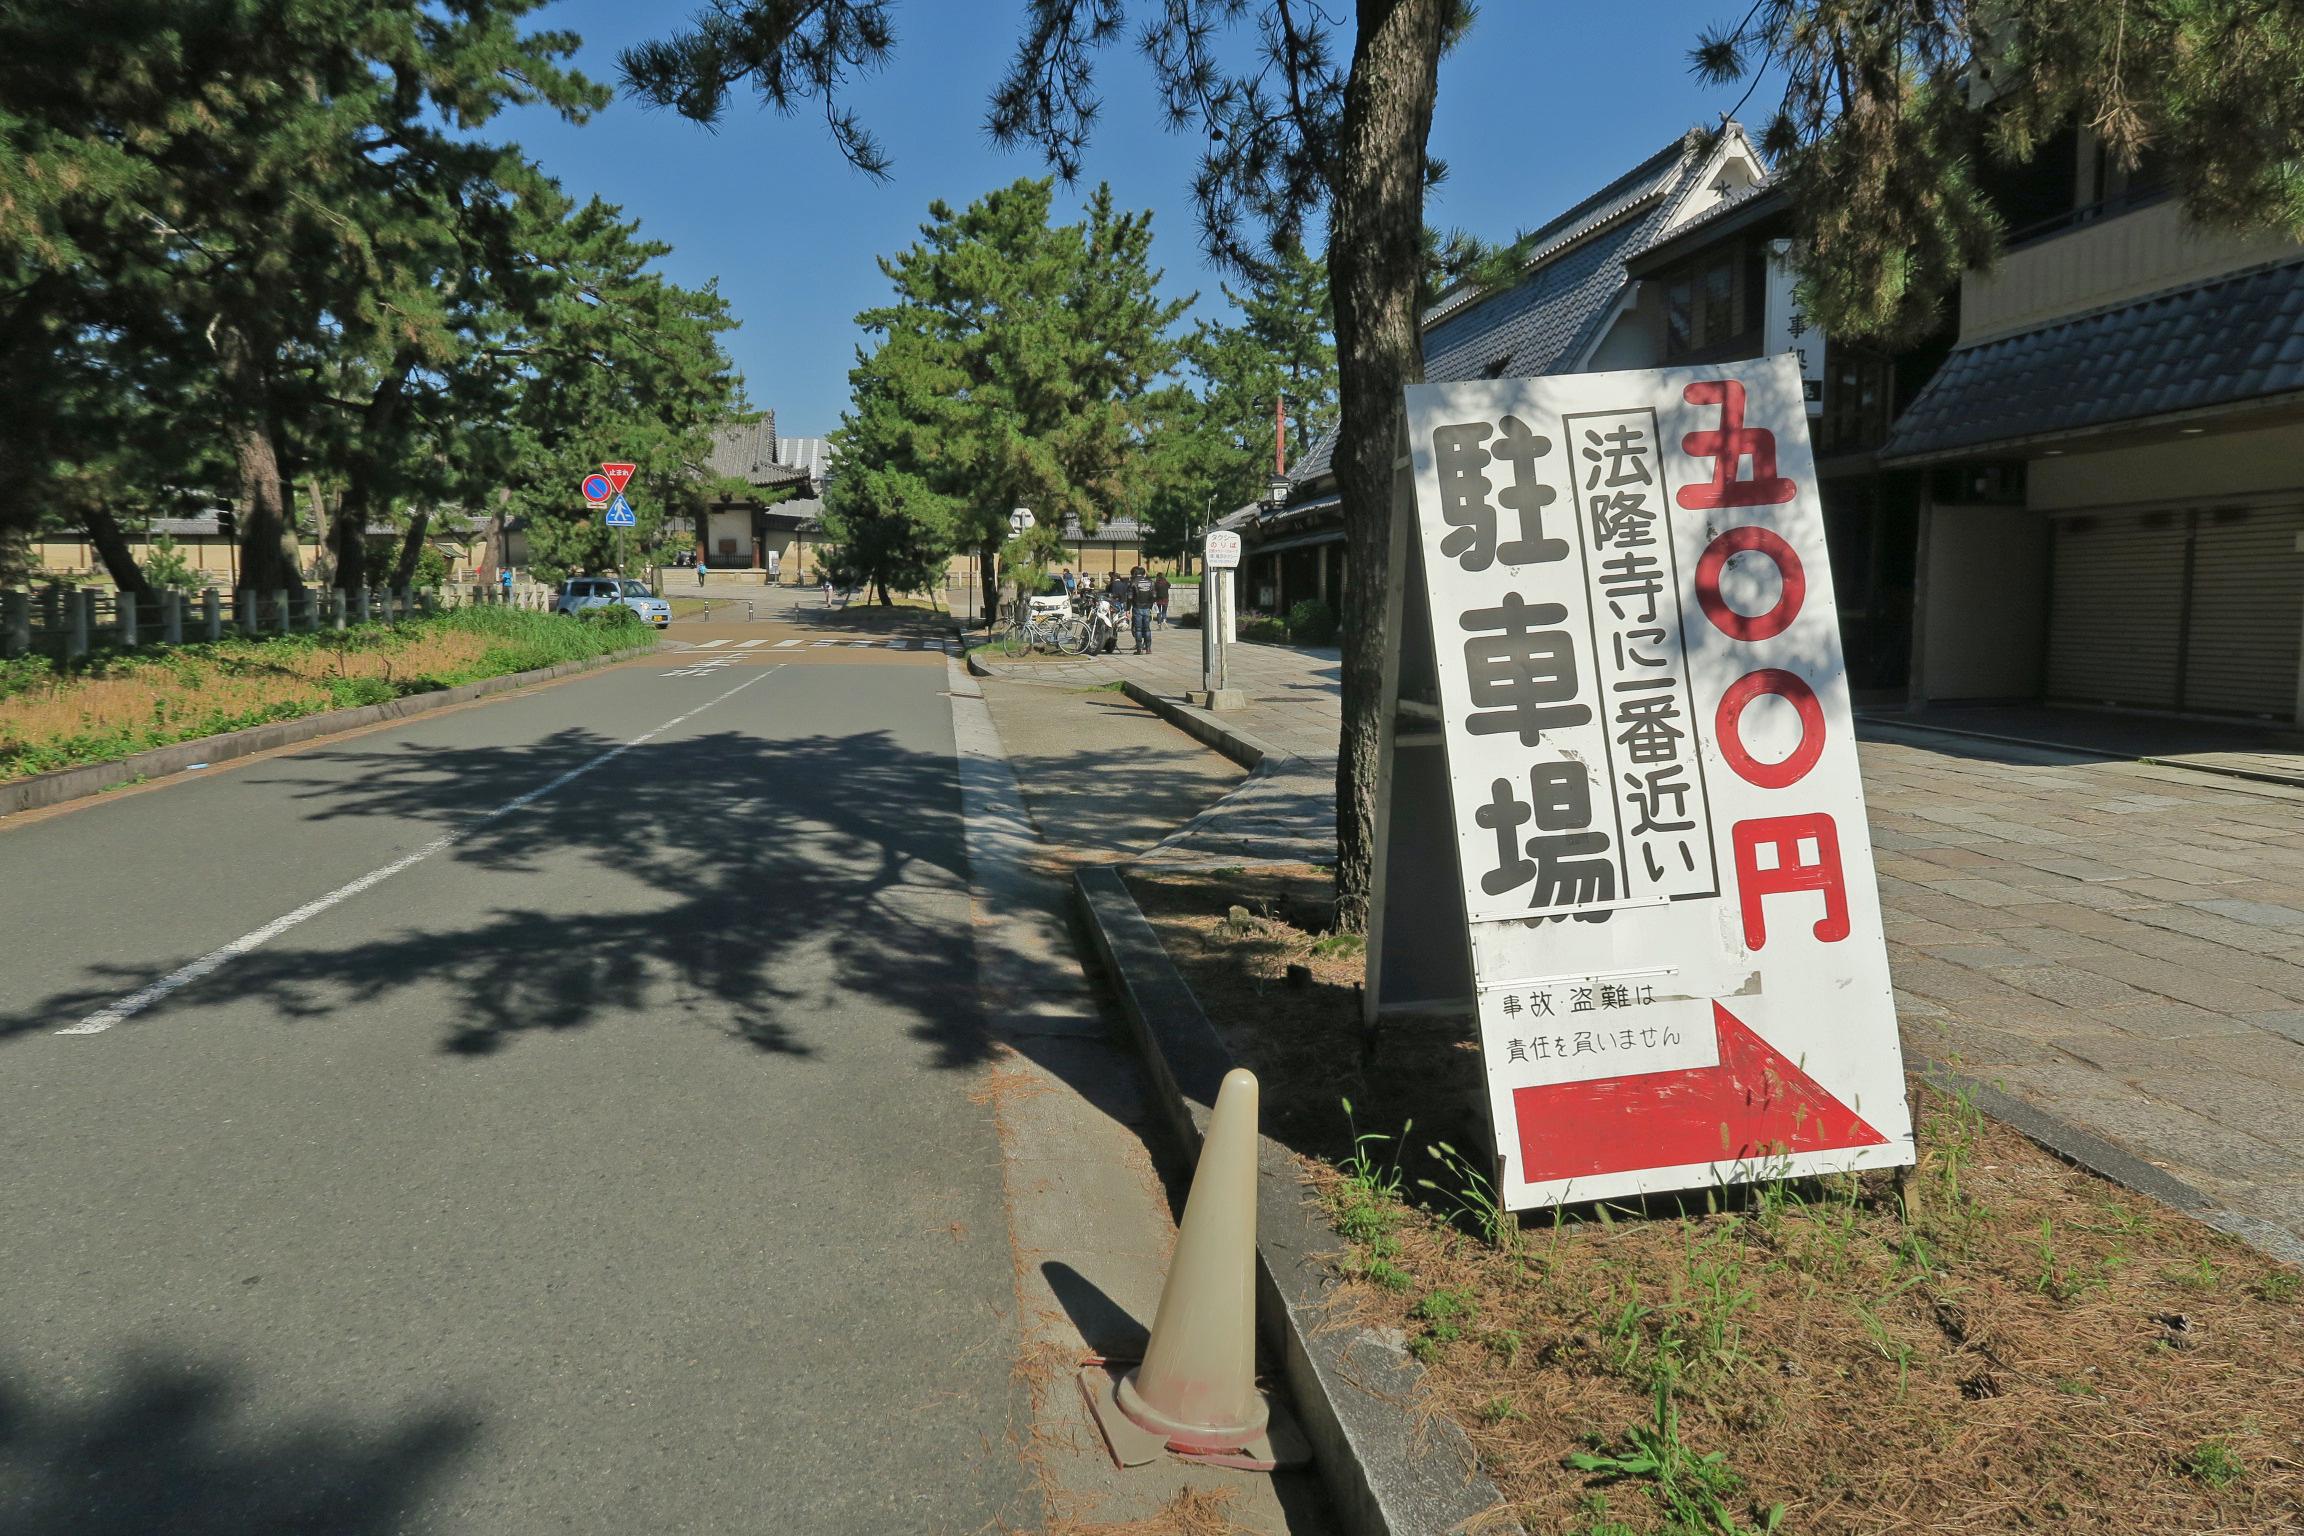 法隆寺に一番近い所で1日500円の駐車場。左手奥が法隆寺南大門です。